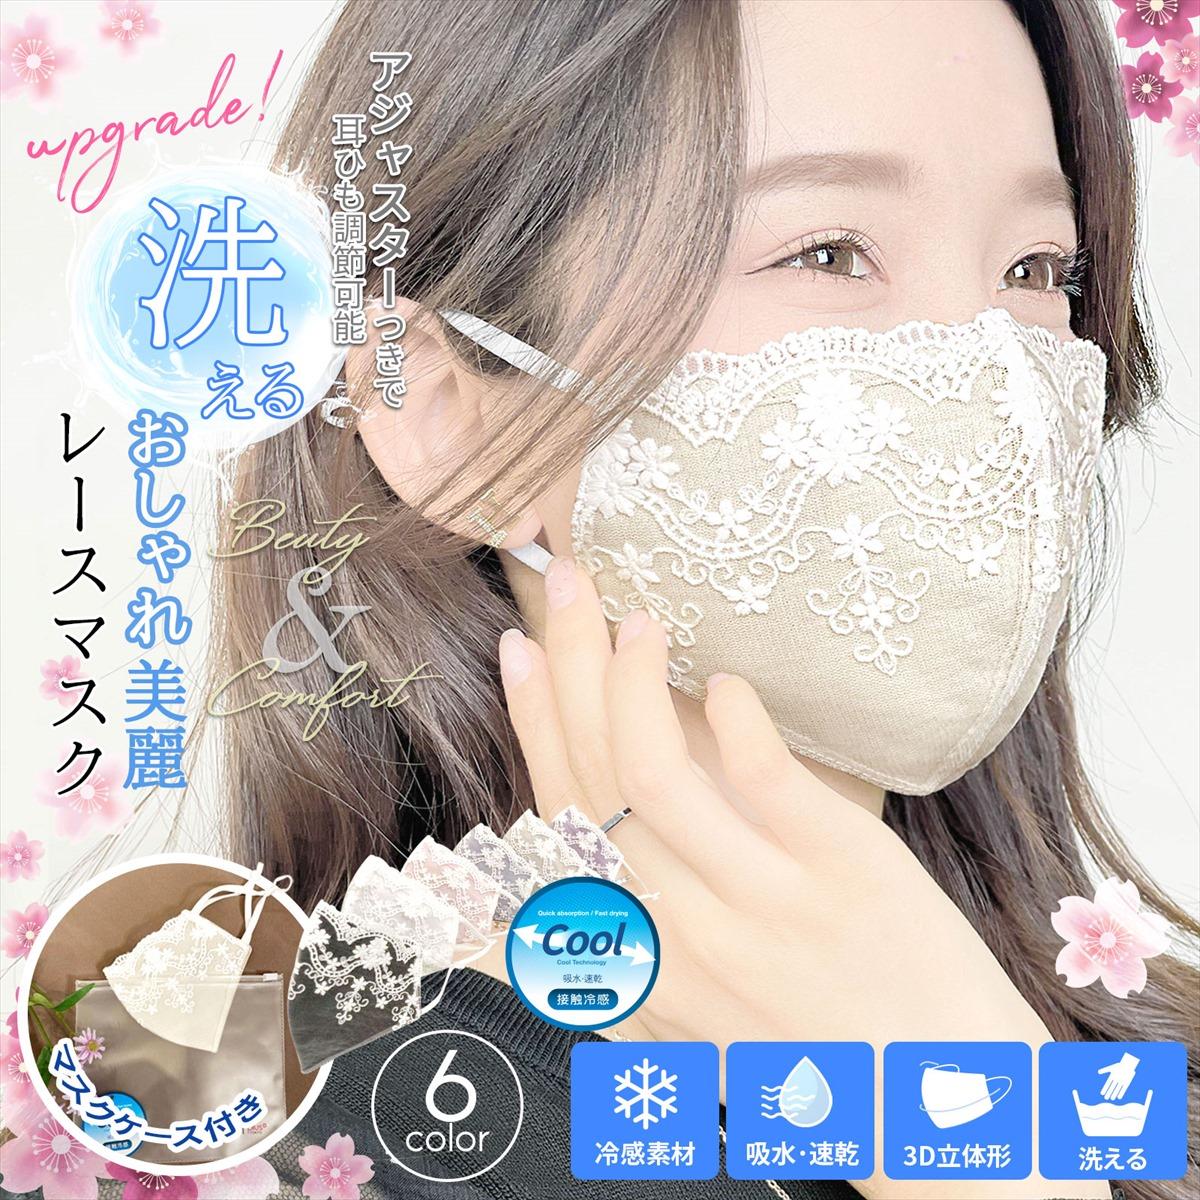 [アジャスターつき]上品チュールレース美麗マスクフラワーガーデン柄 洗えるマスク 吸水速乾 [RC022]